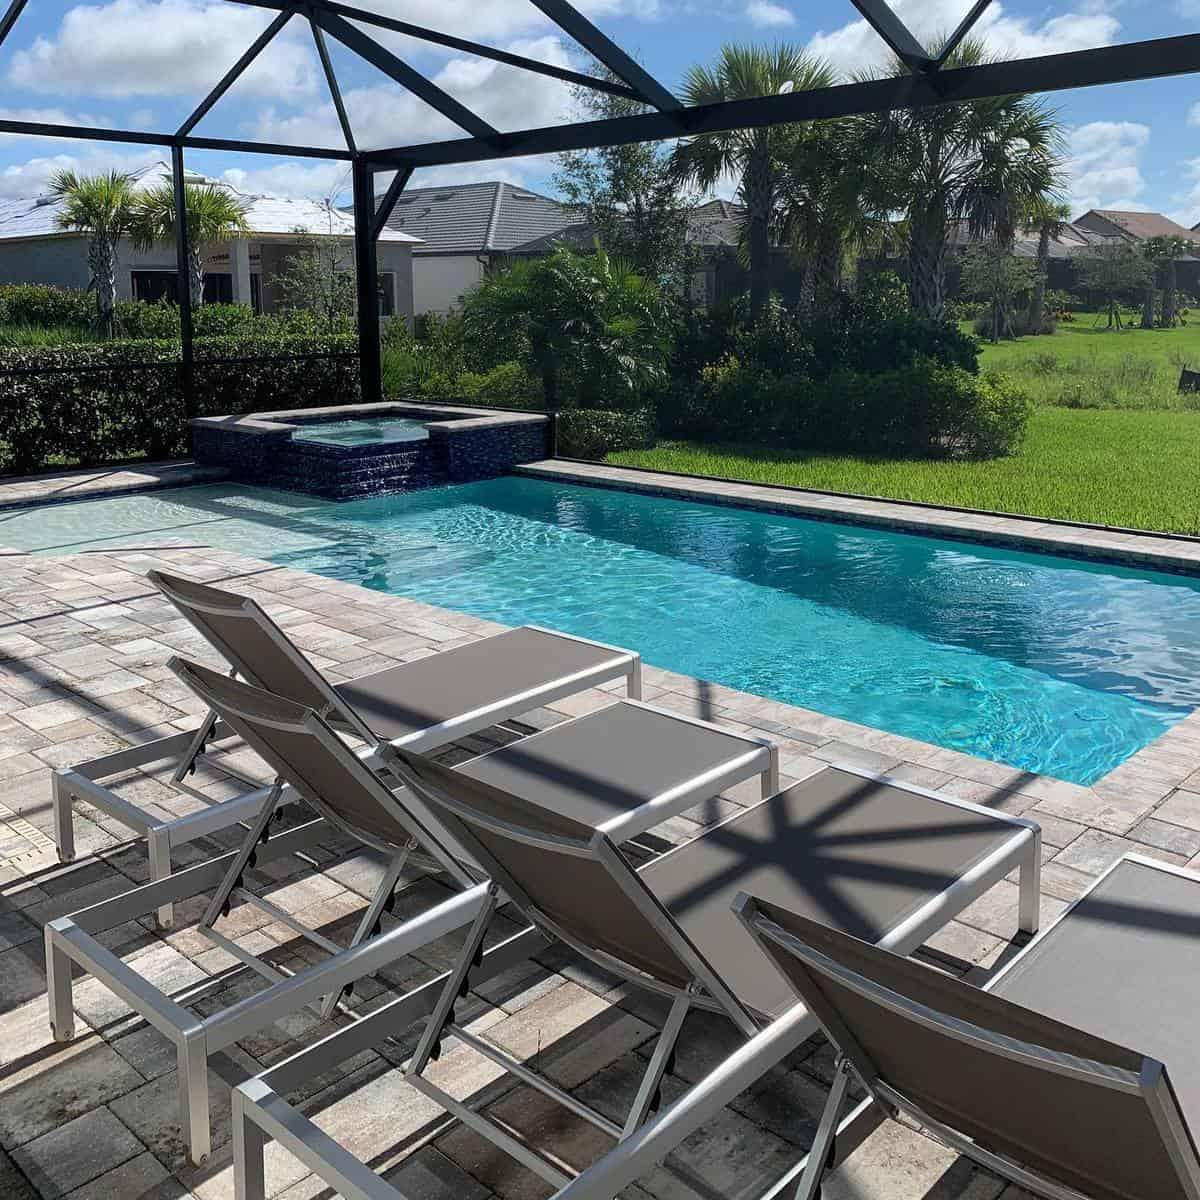 Pool Patio Enclosure Ideas -pultefiddlerscreek